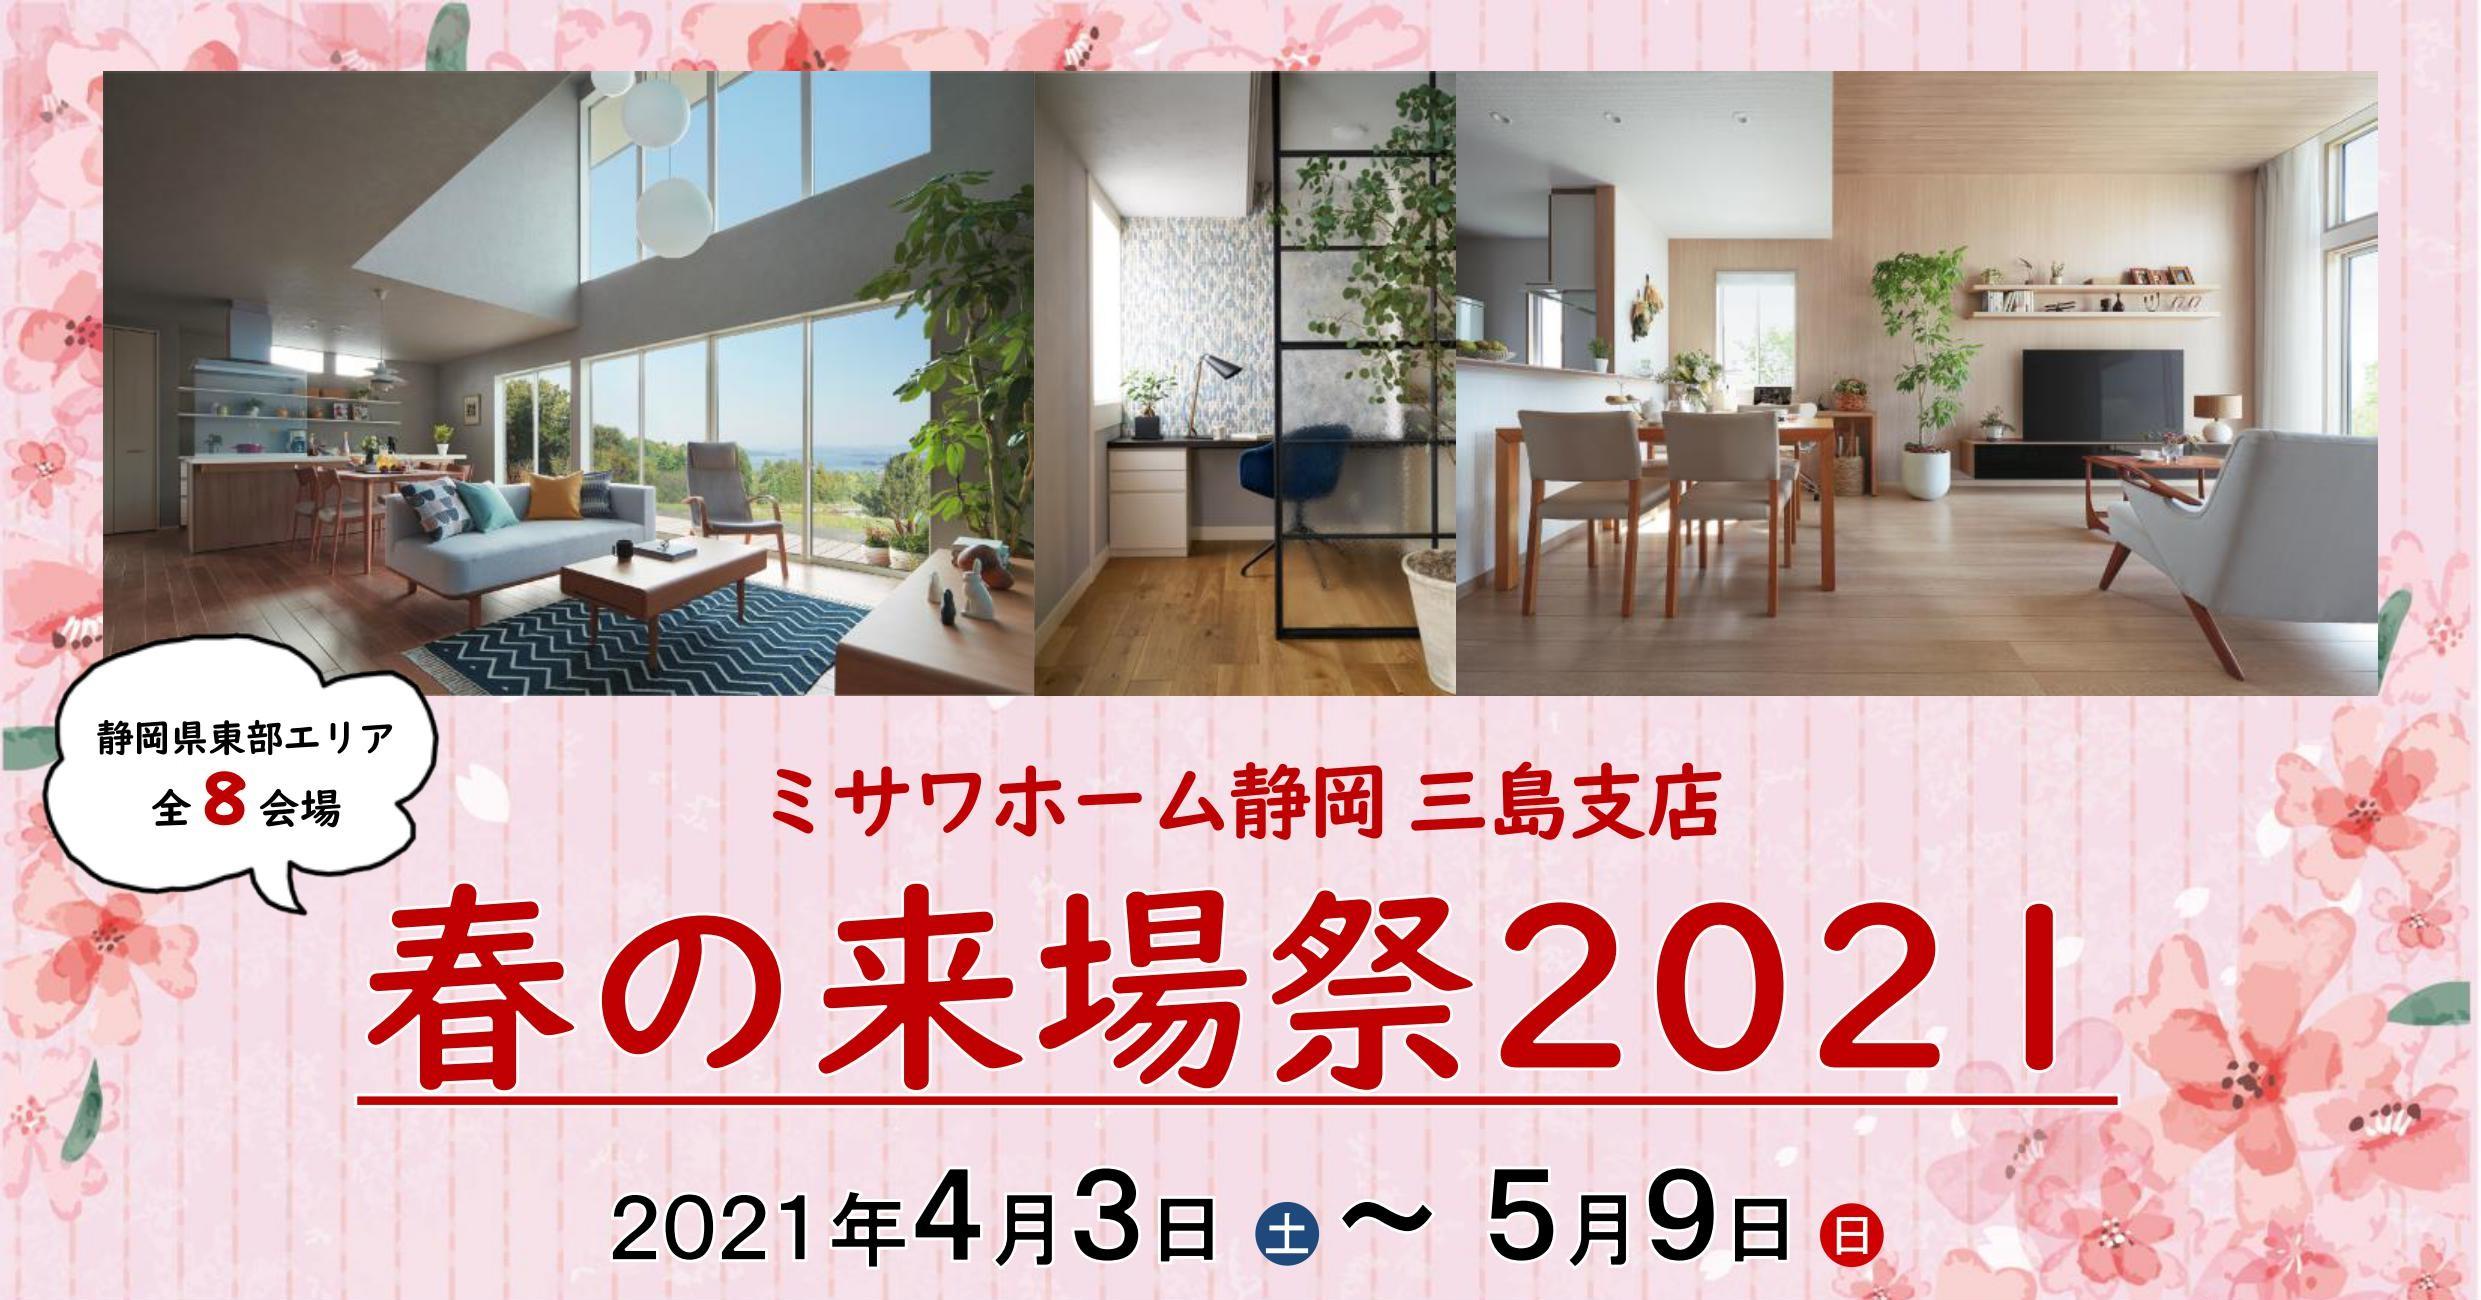 【完全予約制】春の来場祭2021